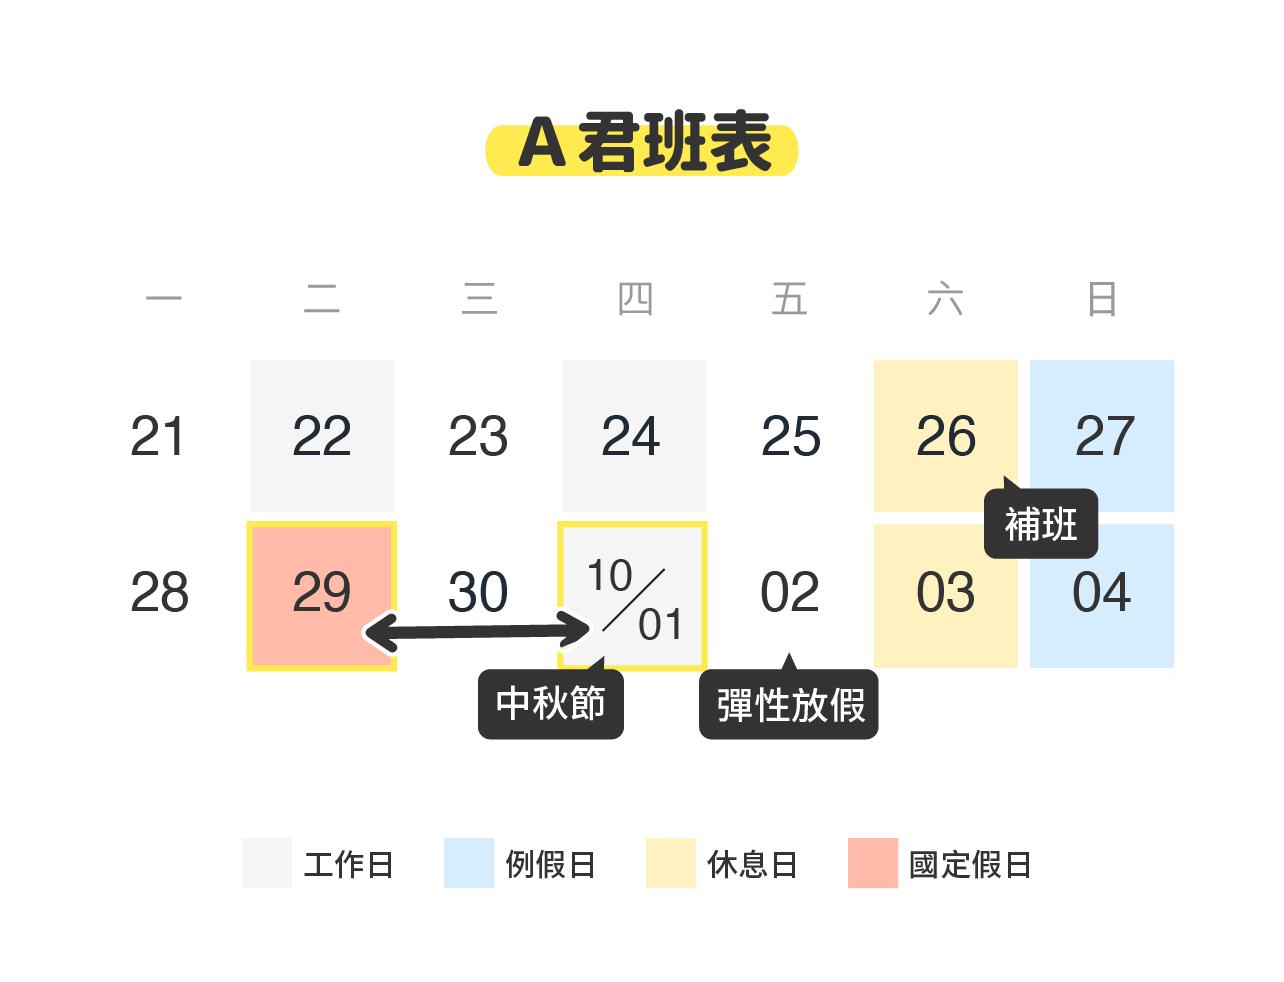 國定假日可以調移嗎?須先經過員工同意並指定日期